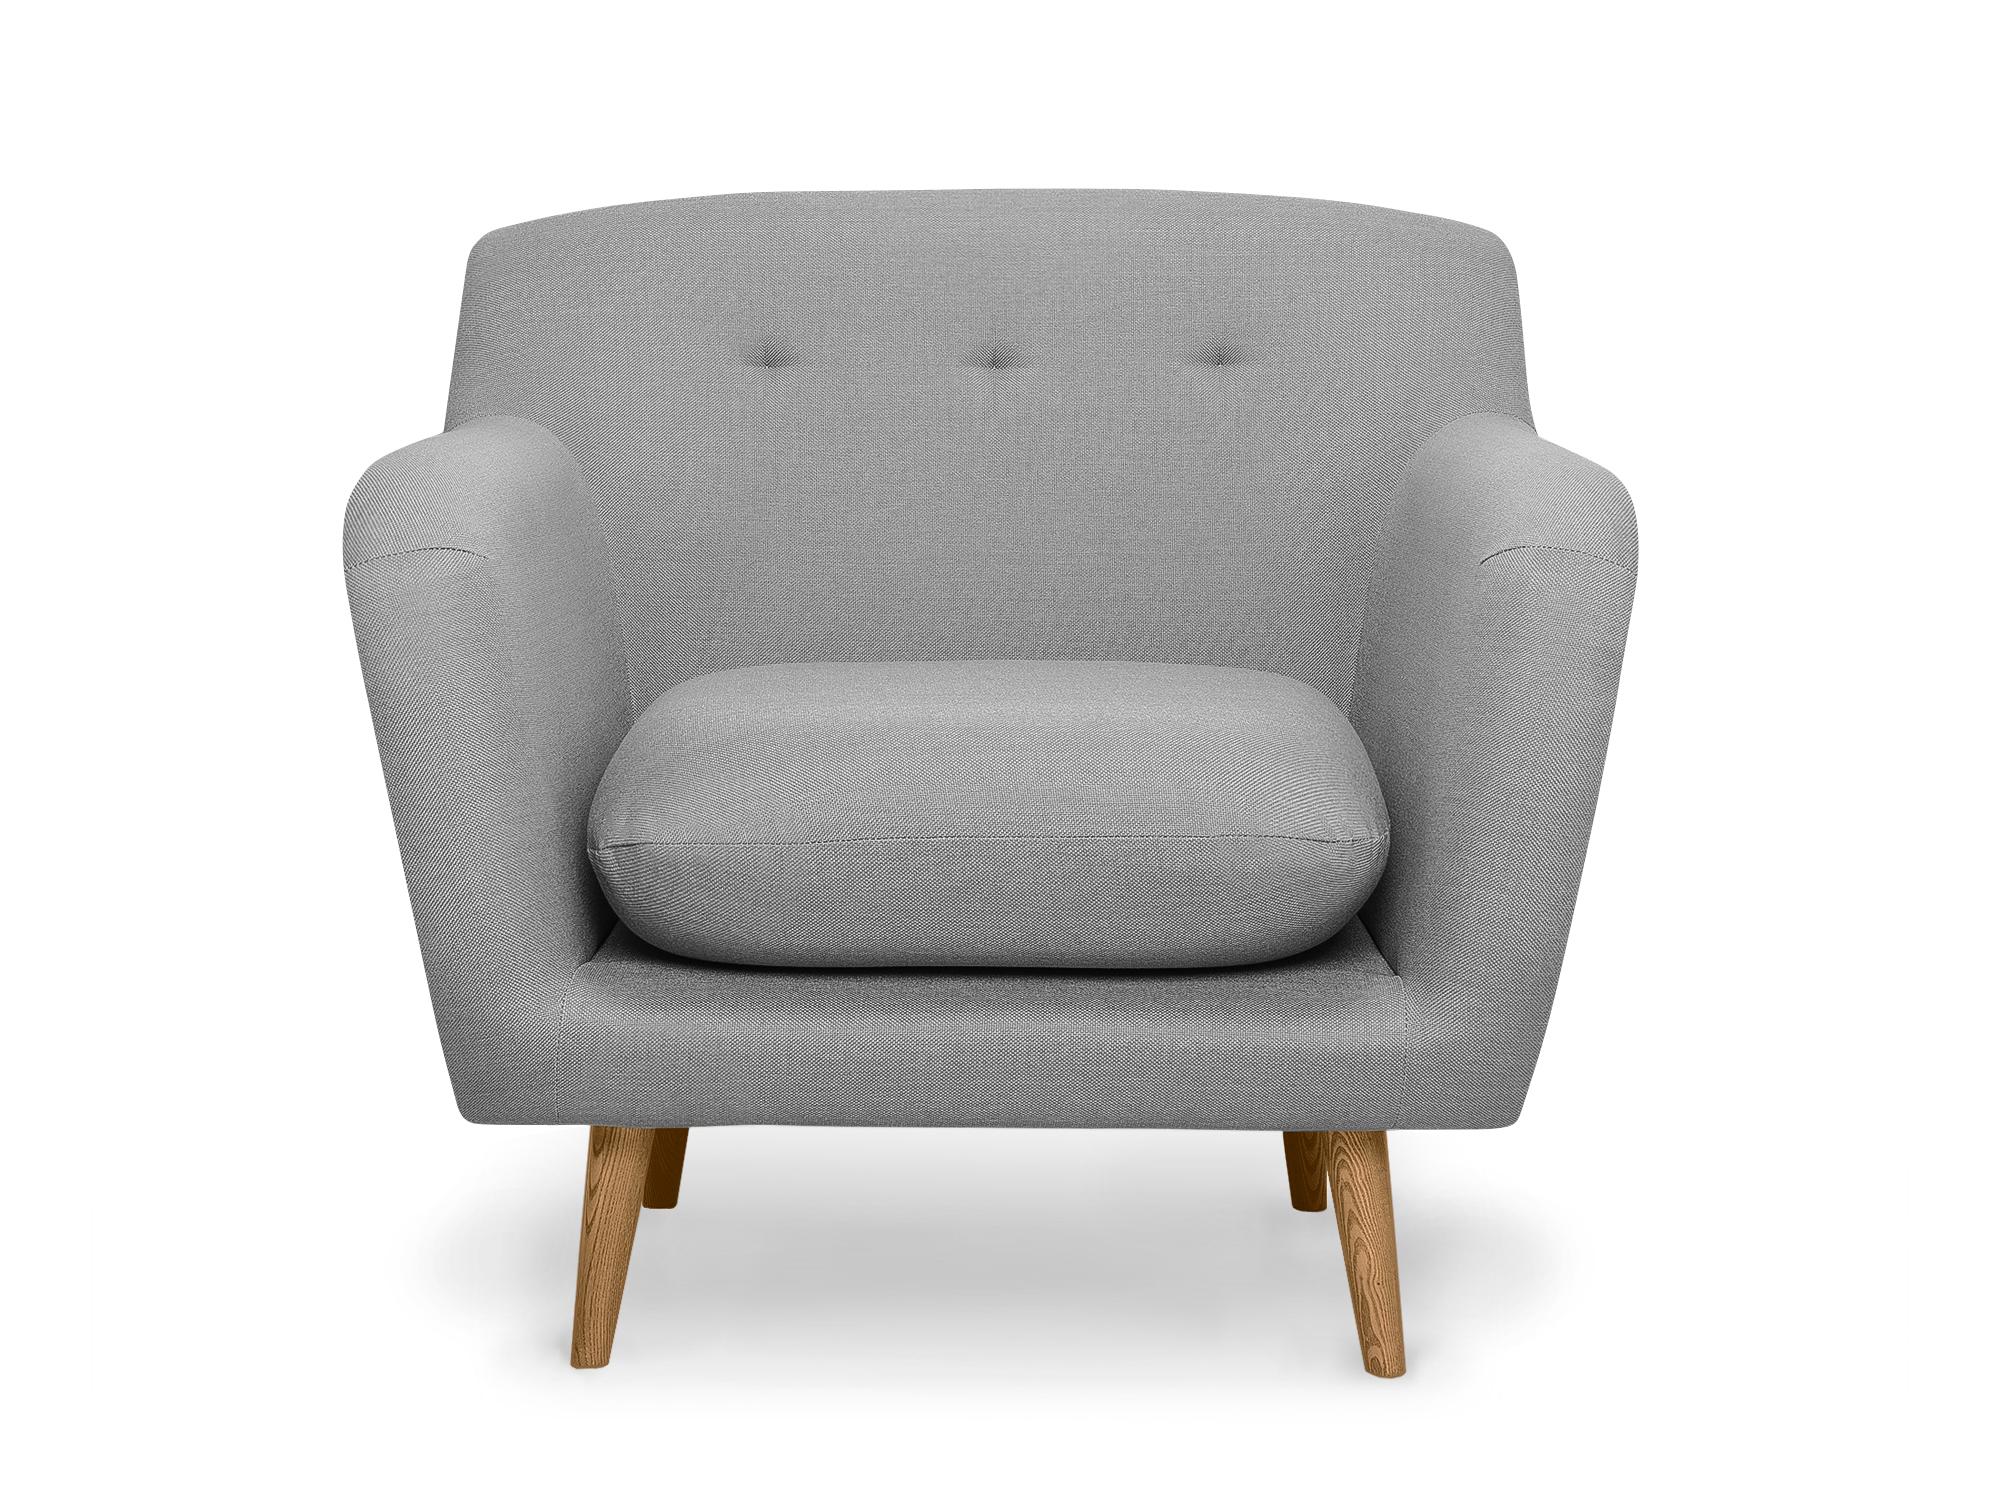 Кресло OsloИнтерьерные кресла<br>Кресло Oslo - настоящее произведение искусства! Так и видим, как через несколько десятков лет эта модель будет стоять в музеях в разделе Лучшее в дизайне 21-го века.&amp;nbsp;Особенность модели: мягко изогнутые подушки и подлокотники с видимым швом.&amp;nbsp;Ножки выполнены из дуба или букаТкань: рогожка (65 000 циклов)Для сохранения формы подушки выполнены из наполнителя memory foam. Более 200 цветов ткани на выбор.<br><br>kit: None<br>gender: None